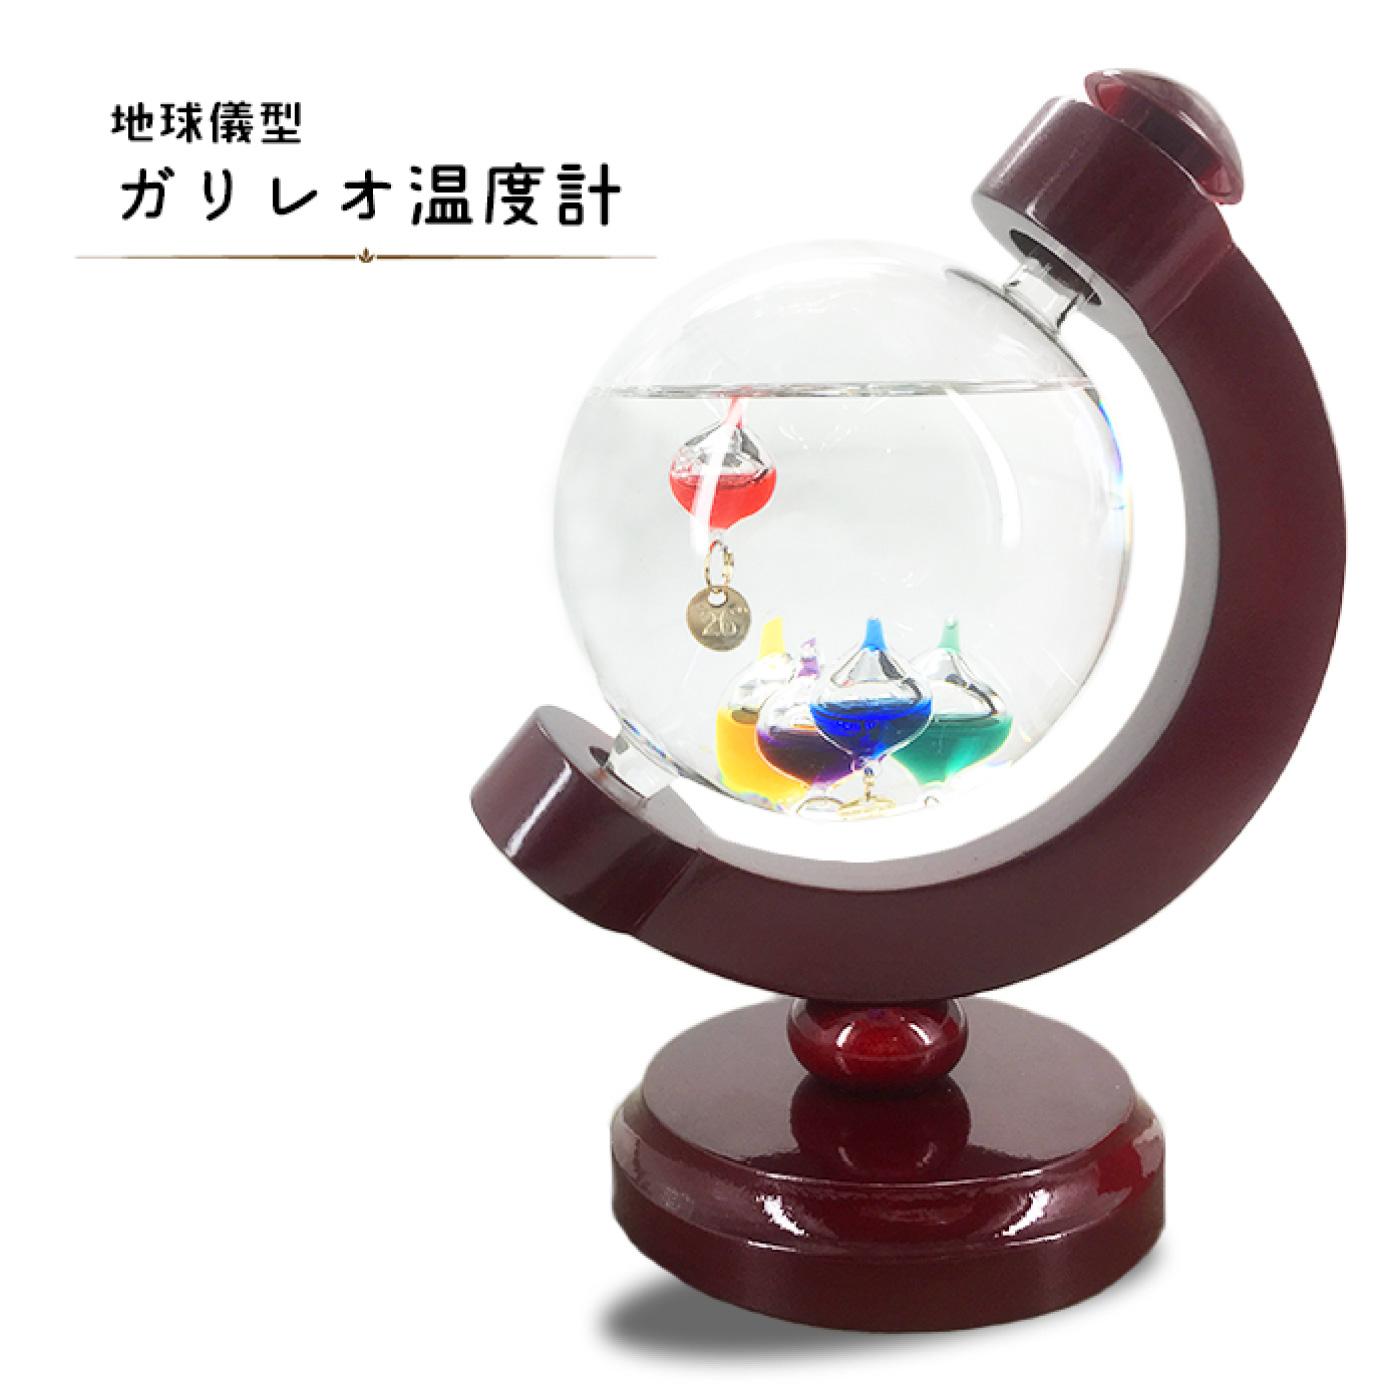 ガリレオ 温度 計